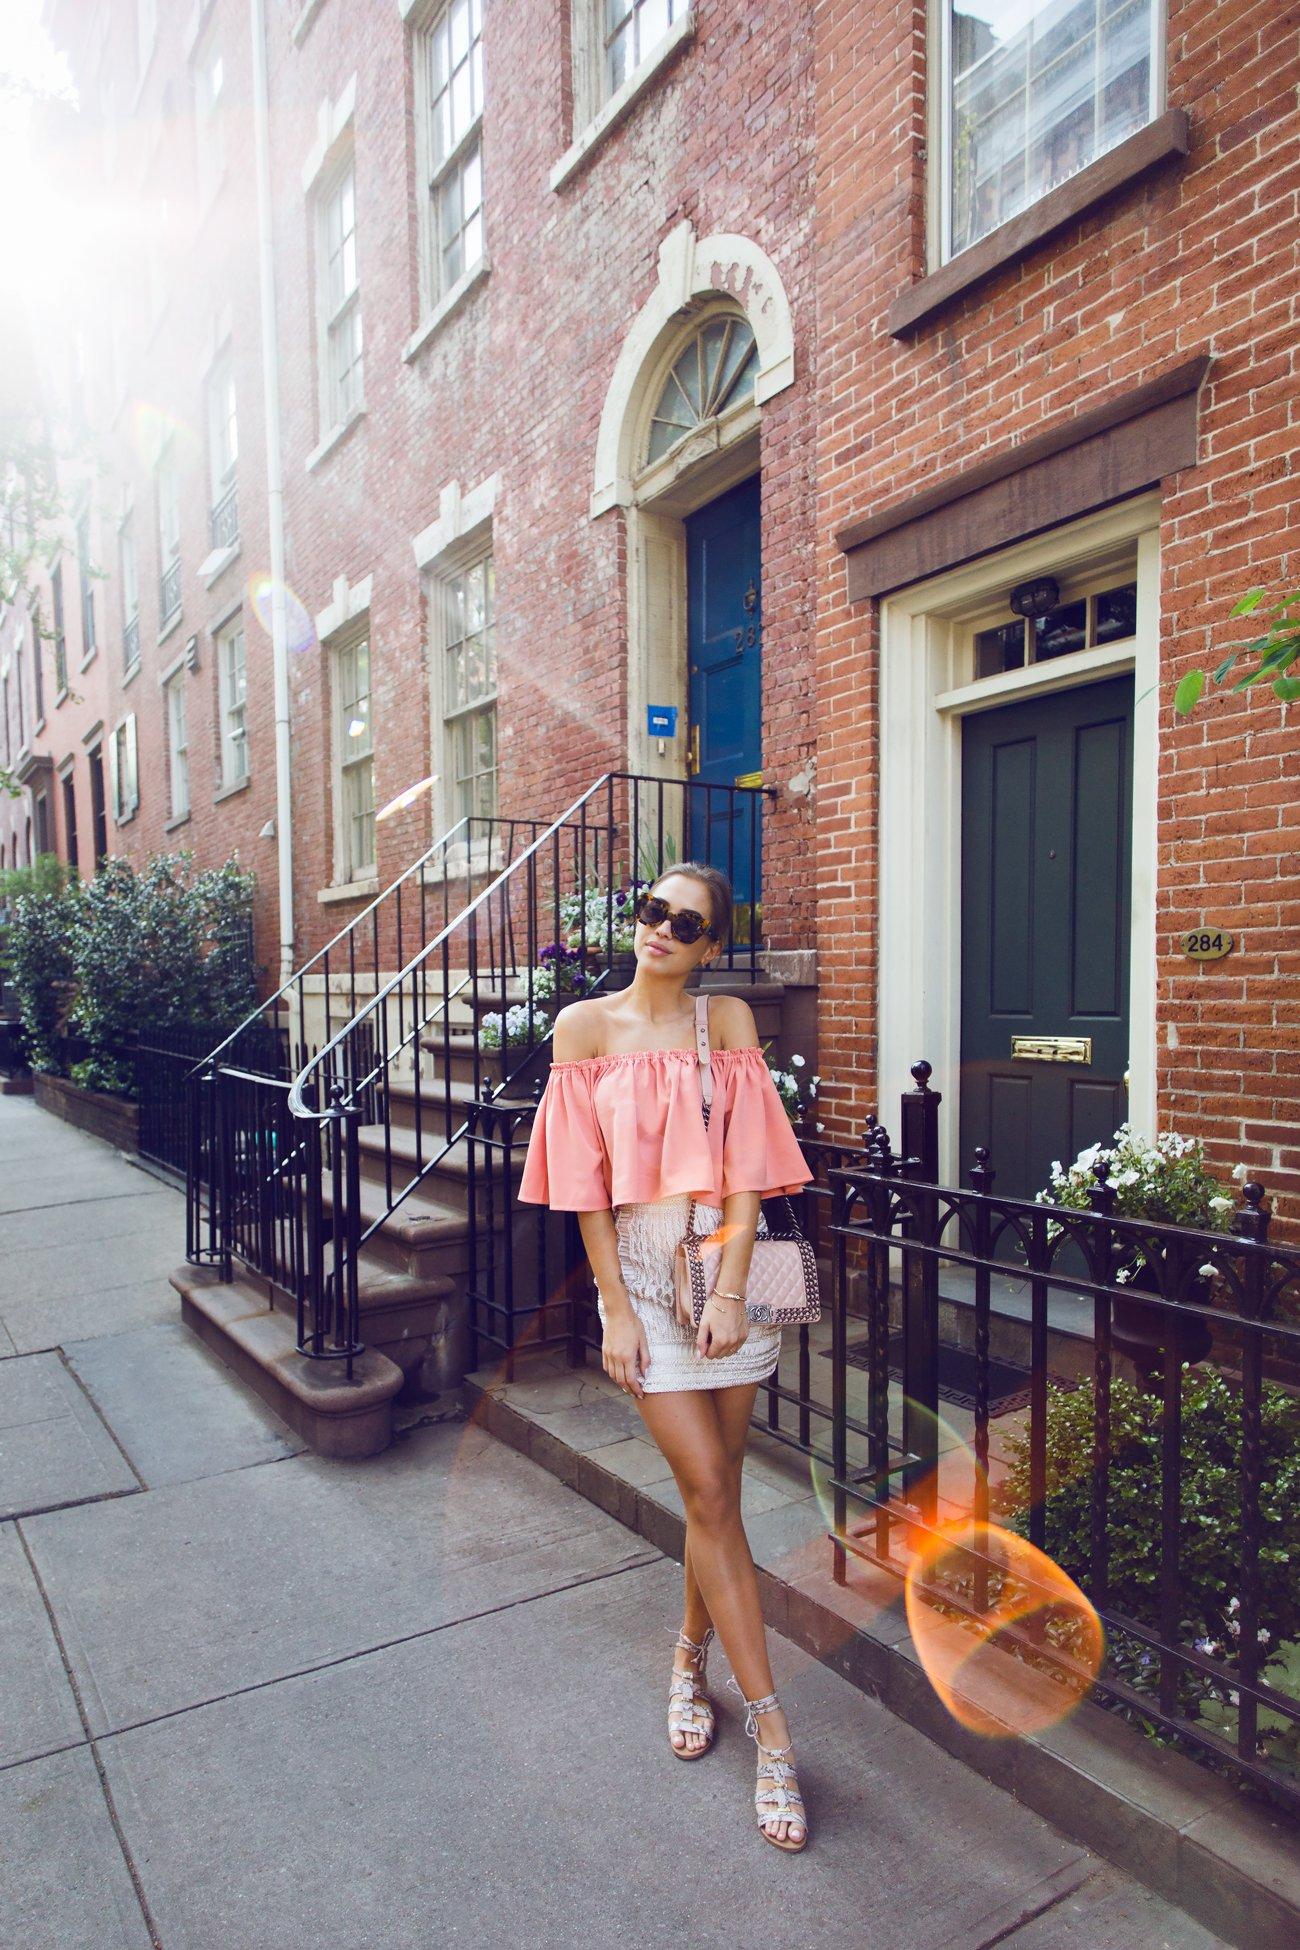 Kenza_Zouiten_NYC_Zingoalla_new_03